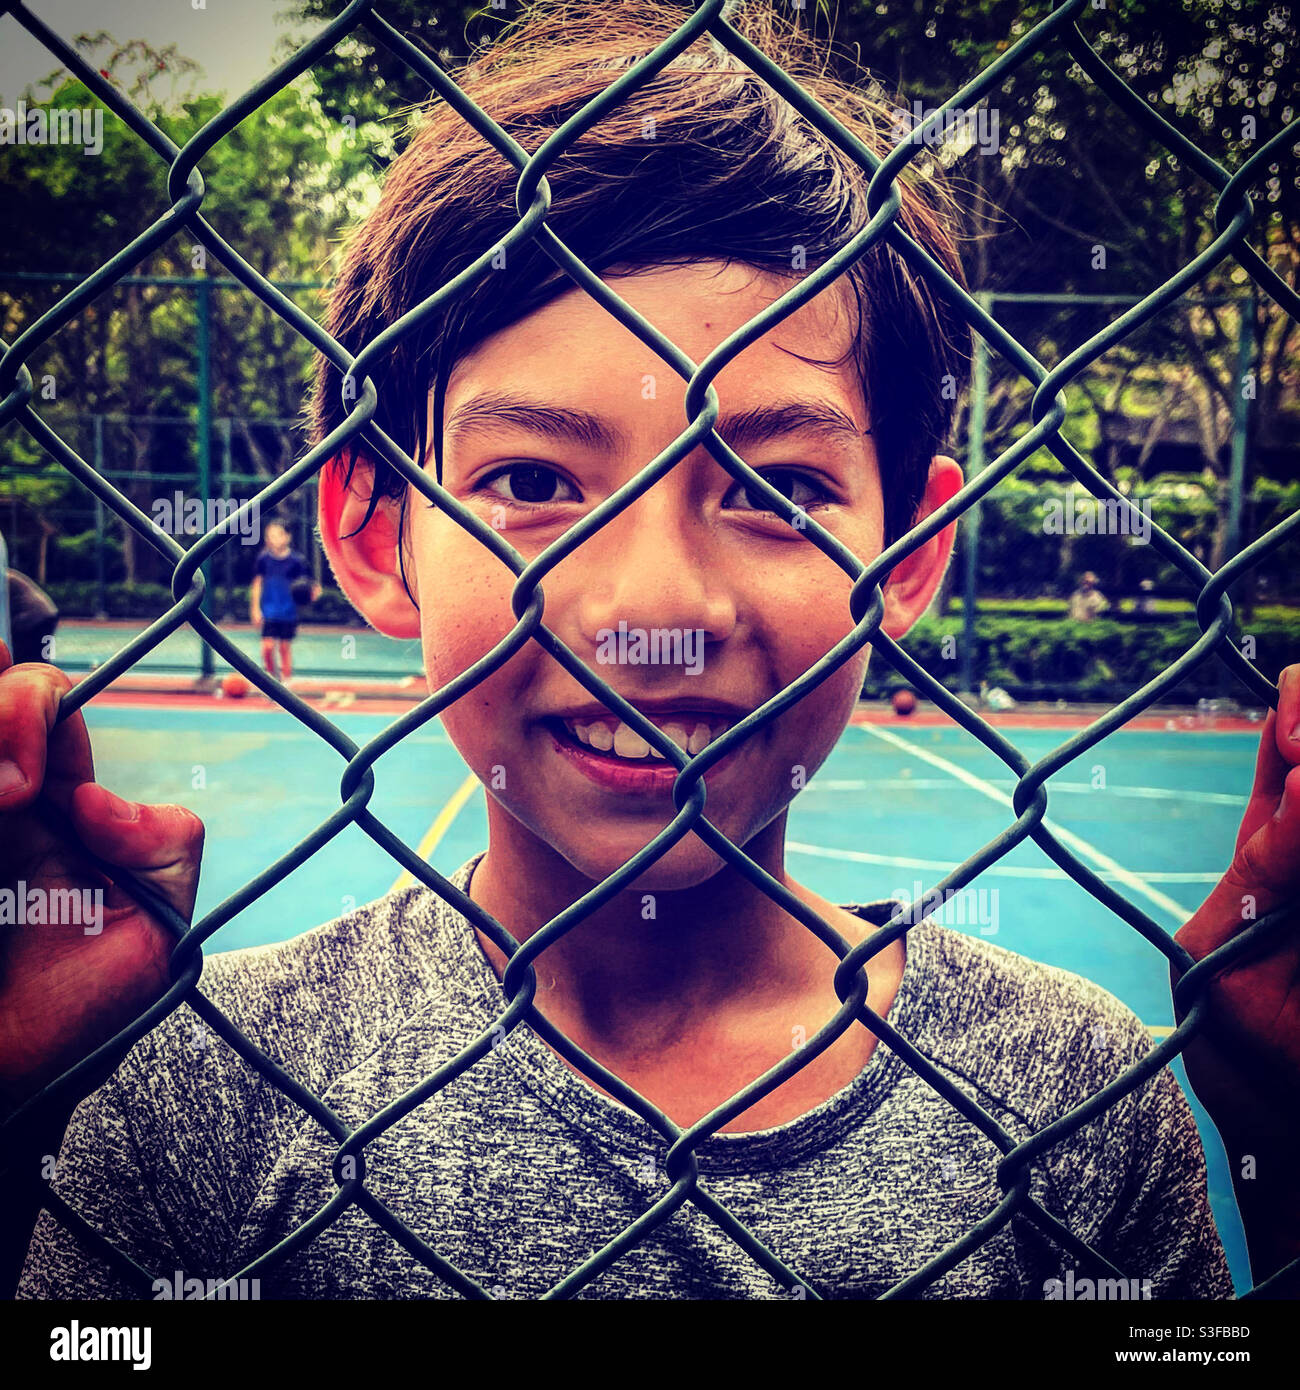 Felice e sorridente ragazzo attraverso una griglia di recinzione a. un campo da gioco di pallacanestro all'aperto Foto Stock